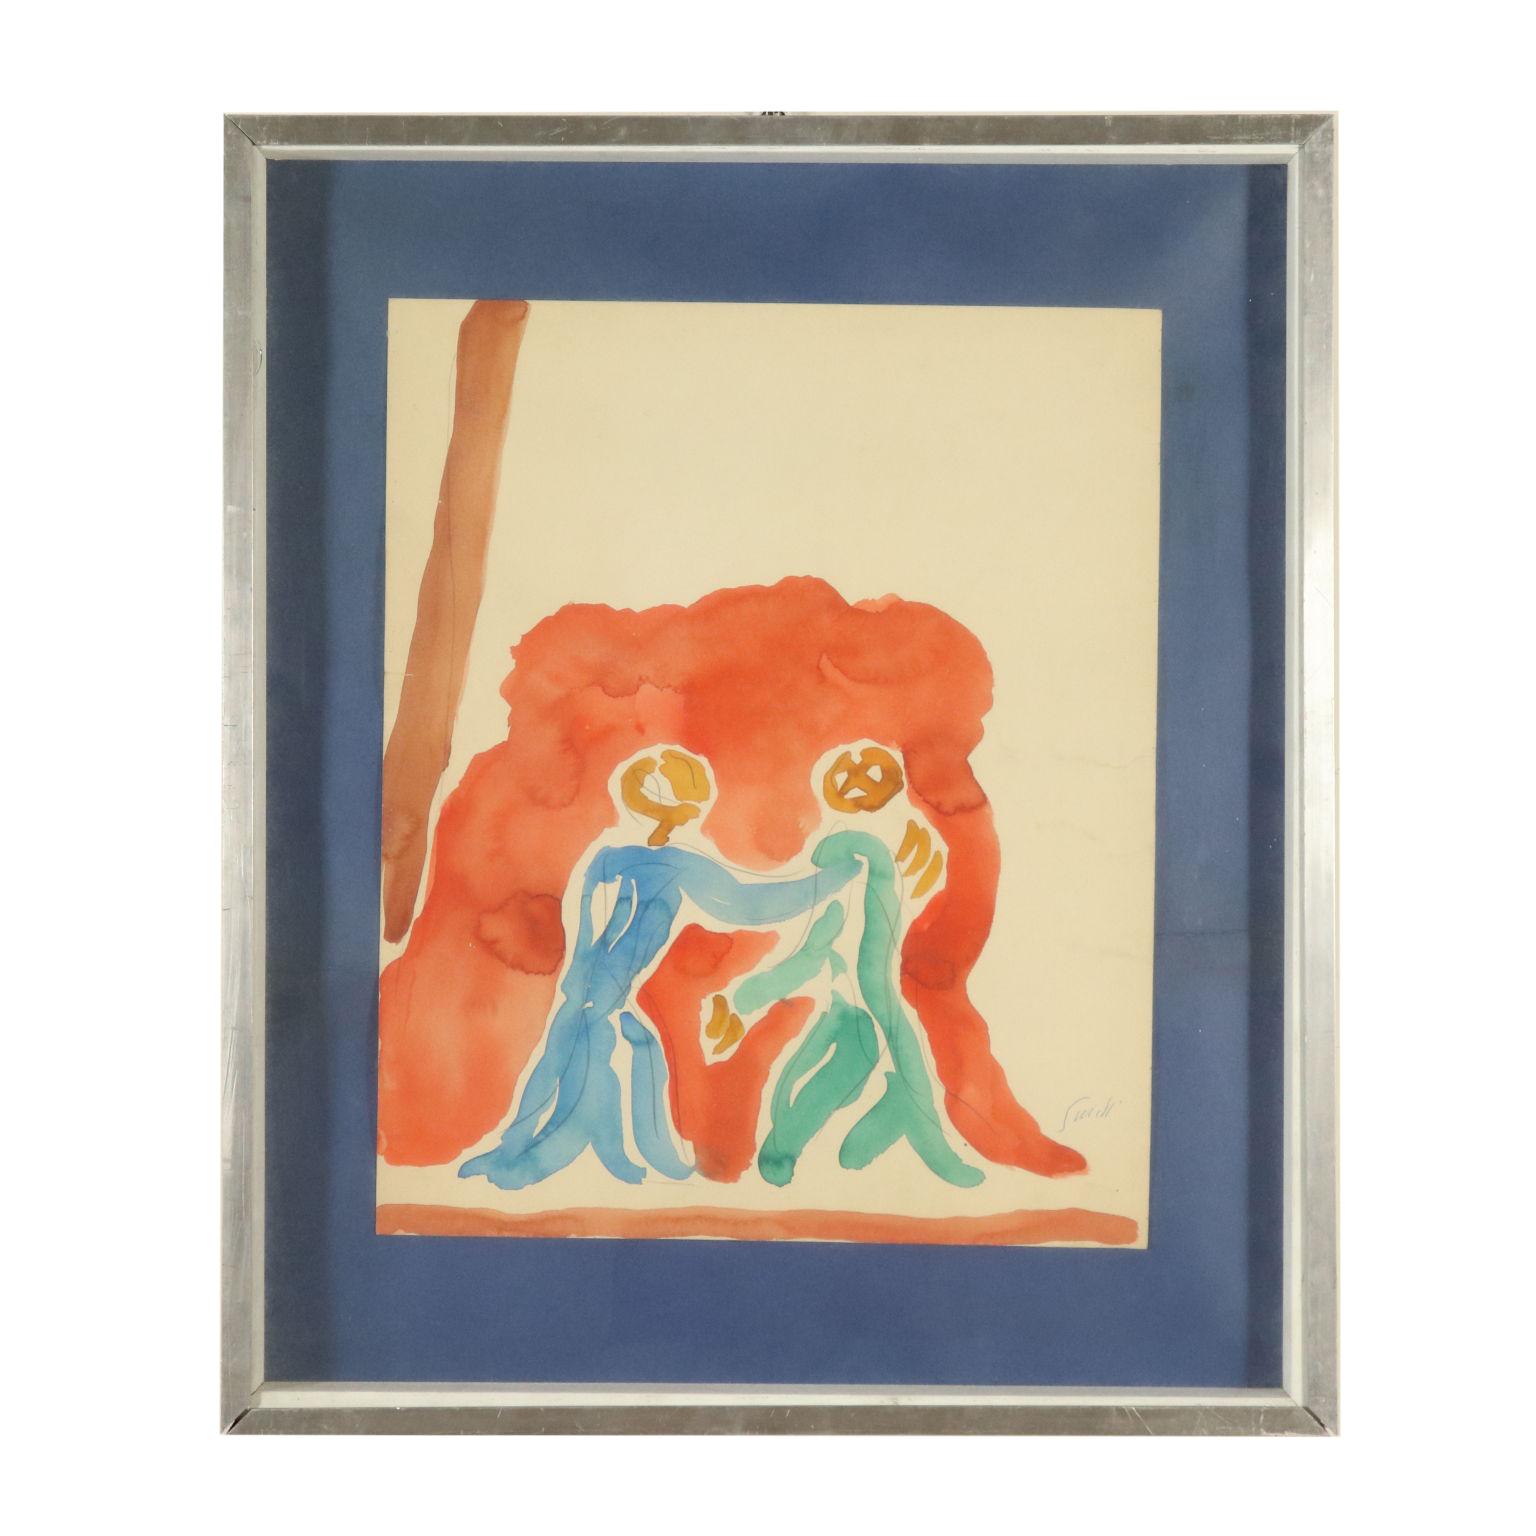 Acquarello di Virgilio Guidi - Novecento - Arte - dimanoinmano.it dcf91e9eb6a4